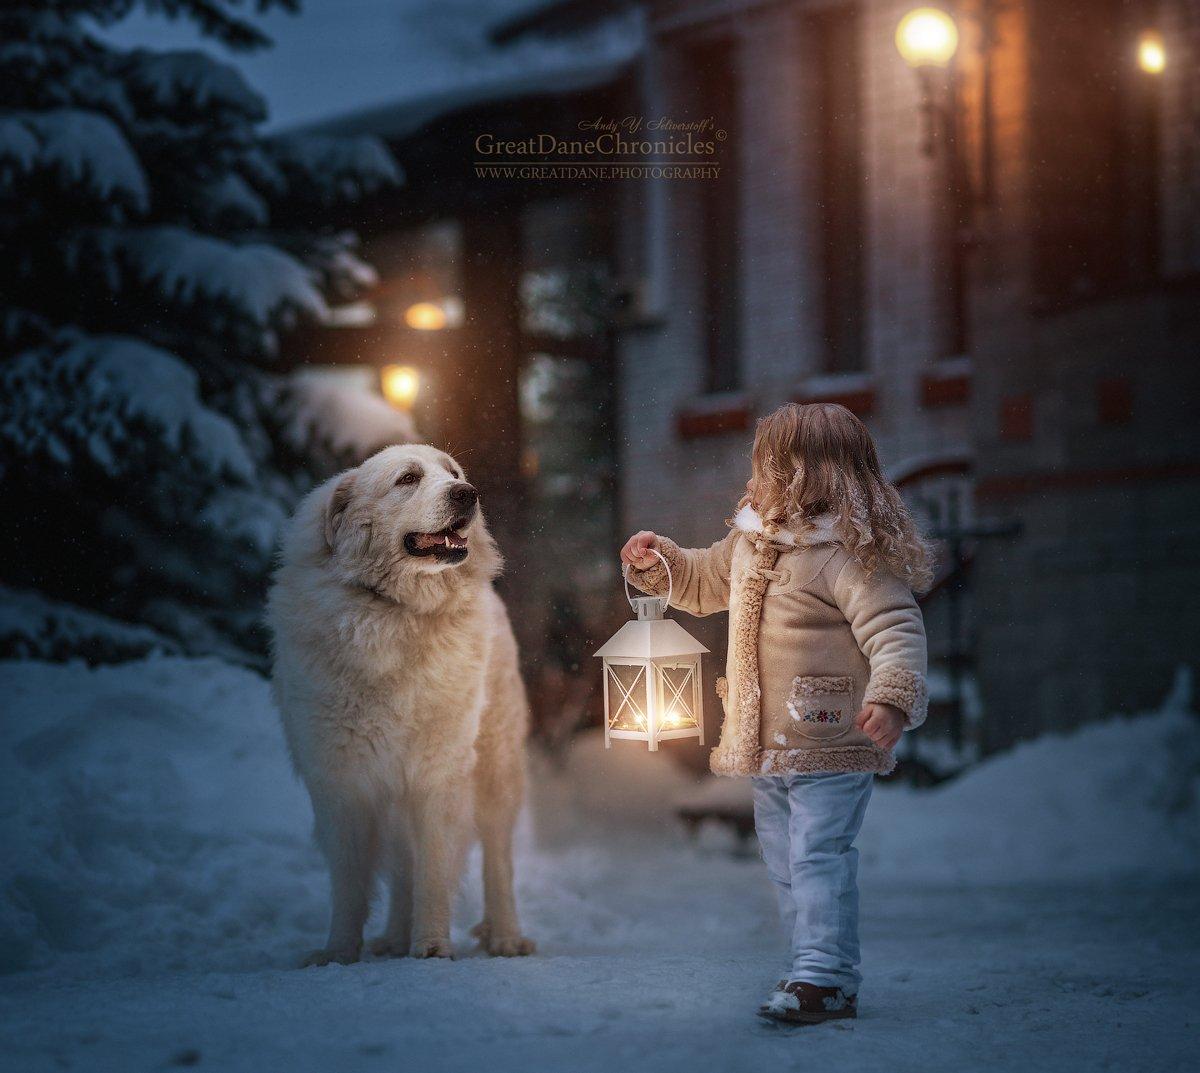 собаки, дети, зима, рождество, сказка, большая горная пиренейская собака, Андрей Селиверстов